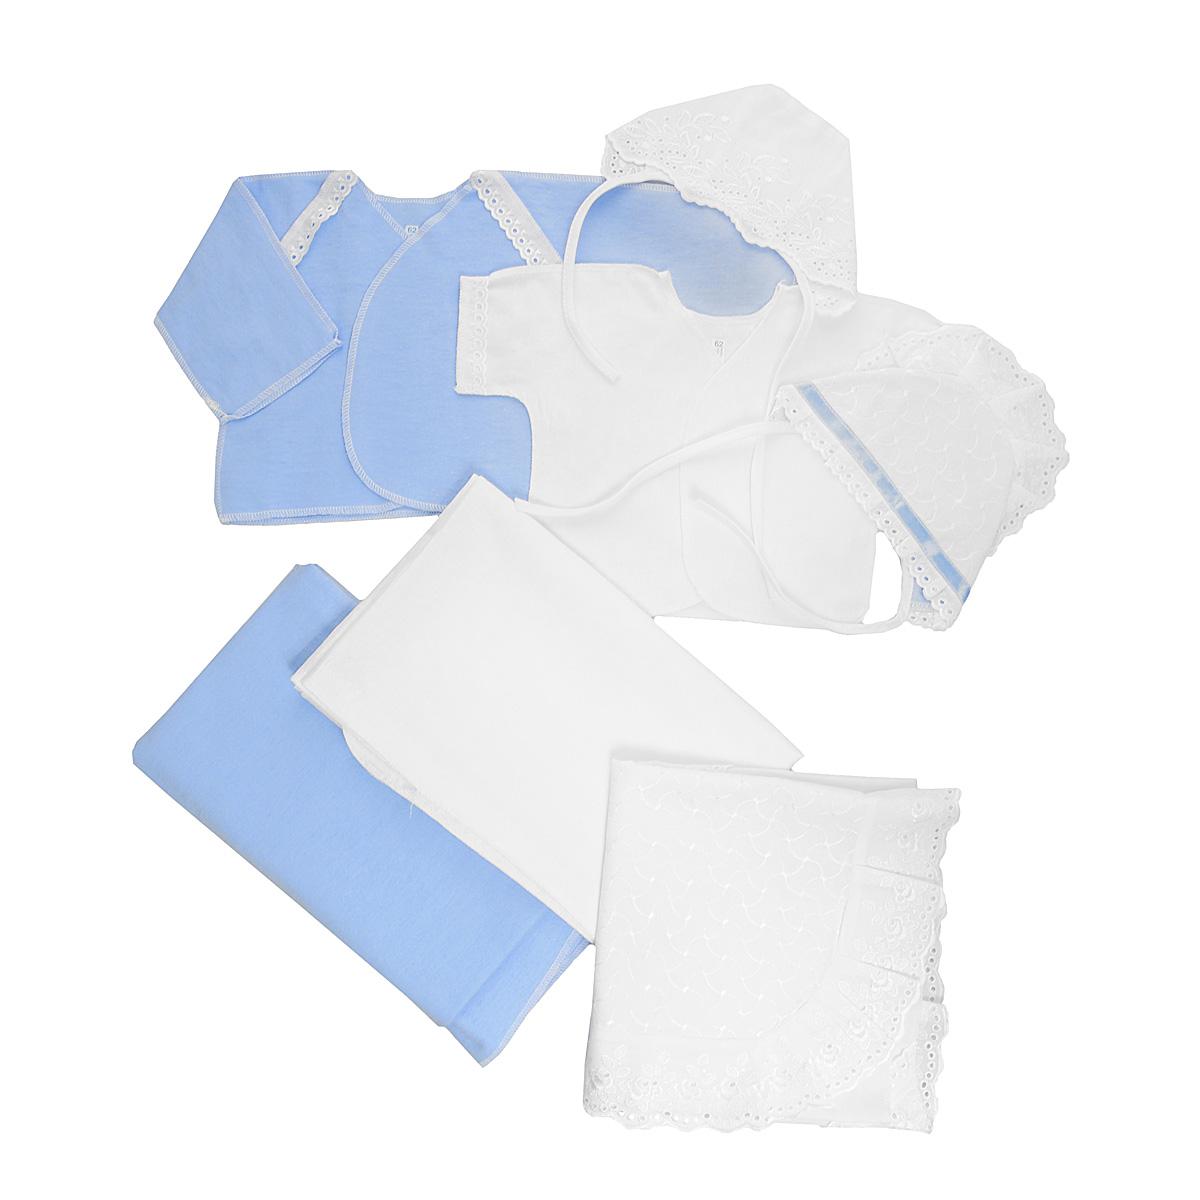 Комплект для новорожденного Трон-Плюс, 7 предметов, цвет: белый, голубой. 3403. Размер 62, 3 месяца3403Комплект для новорожденного Трон-плюс - это замечательный подарок, который прекрасно подойдет для первых дней жизни малыша. Комплект состоит из двух распашонок, двух чепчиков, уголка и двух пеленок. Комплект изготовлен из натурального хлопка, благодаря чему он необычайно мягкий и приятный на ощупь, не сковывает движения младенца и позволяет коже дышать, не раздражает даже самую нежную и чувствительную кожу ребенка, обеспечивая ему наибольший комфорт. Легкая распашонка с короткими рукавами выполнена швами наружу. Изделие украшено вышивкой, а рукава декорированы ажурными рюшами.Теплая распашонка с запахом выполнена швами наружу. Декорирована распашонка ажурными рюшами. Чепчик защищает еще не заросший родничок, щадит чувствительный слух малыша, прикрывая ушки, и предохраняет от теплопотерь. Комплект содержит два чепчика: один - легкий мягкий чепчик с завязками выполнен швами наружу и украшен вышивками, а второй - теплый чепчик выполнен из футера швами наружу и украшен вышивкой и ажурными рюшами. Очаровательный уголок, выполненный из натурального хлопка и украшенный кружевом, необычайно мягкий и легкий, не раздражает нежную кожу ребенка и хорошо вентилируется, а эластичные швы приятны телу младенца. Уголок обеспечивает вашему ребенку комфорт! Пеленка станет незаменимым помощником в деле ухода за ребенком. В комплект входят две пеленки: легкая из мадаполама и теплая из футера. В таком комплекте ваш малыш будет чувствовать себя комфортно, уютно и всегда будет в центре внимания!